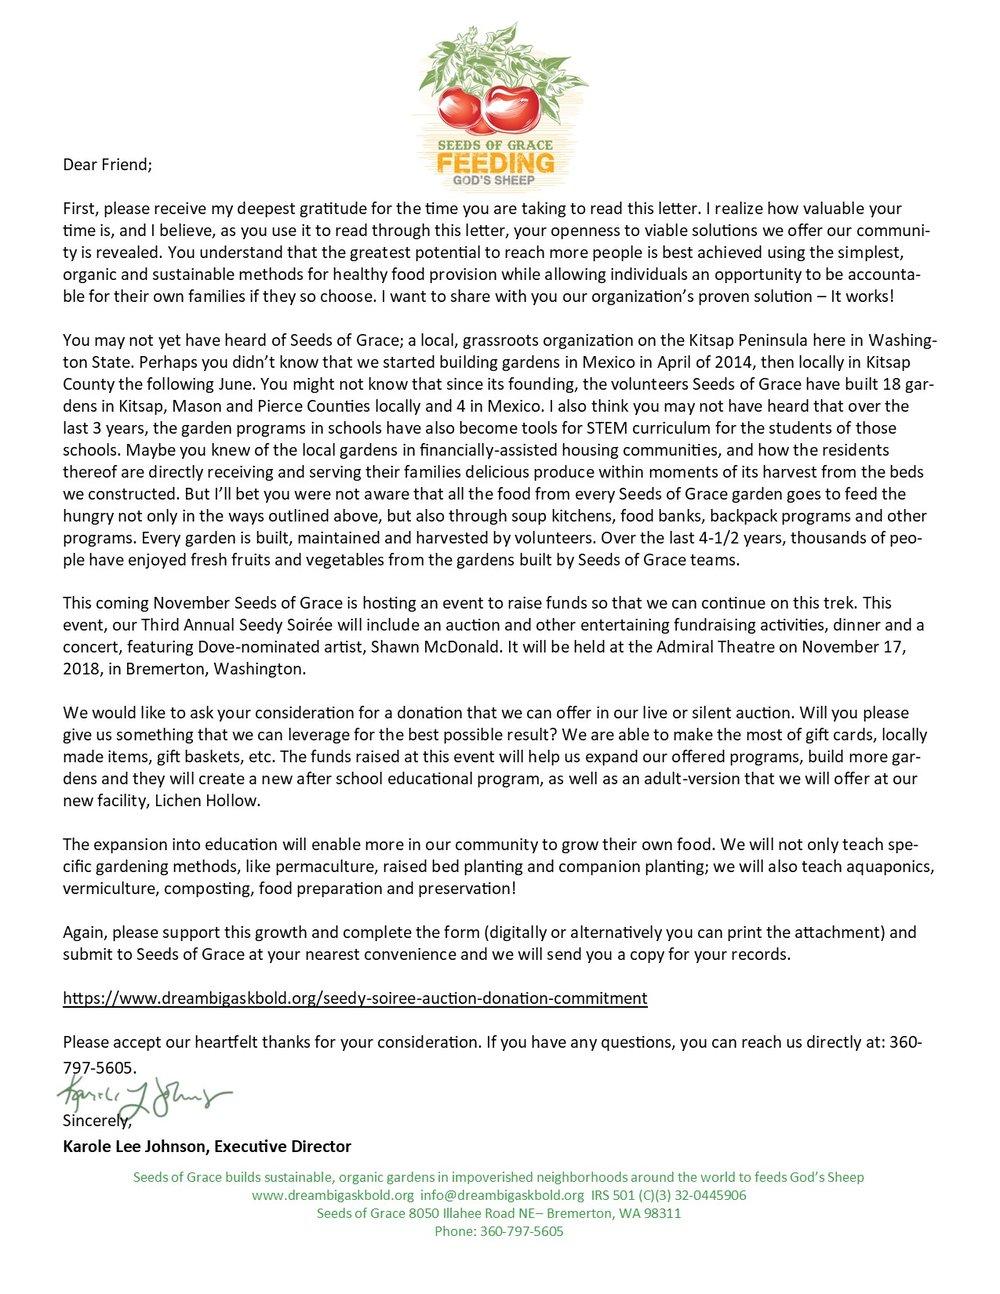 Auction Procurement form - KJ Letter.jpg